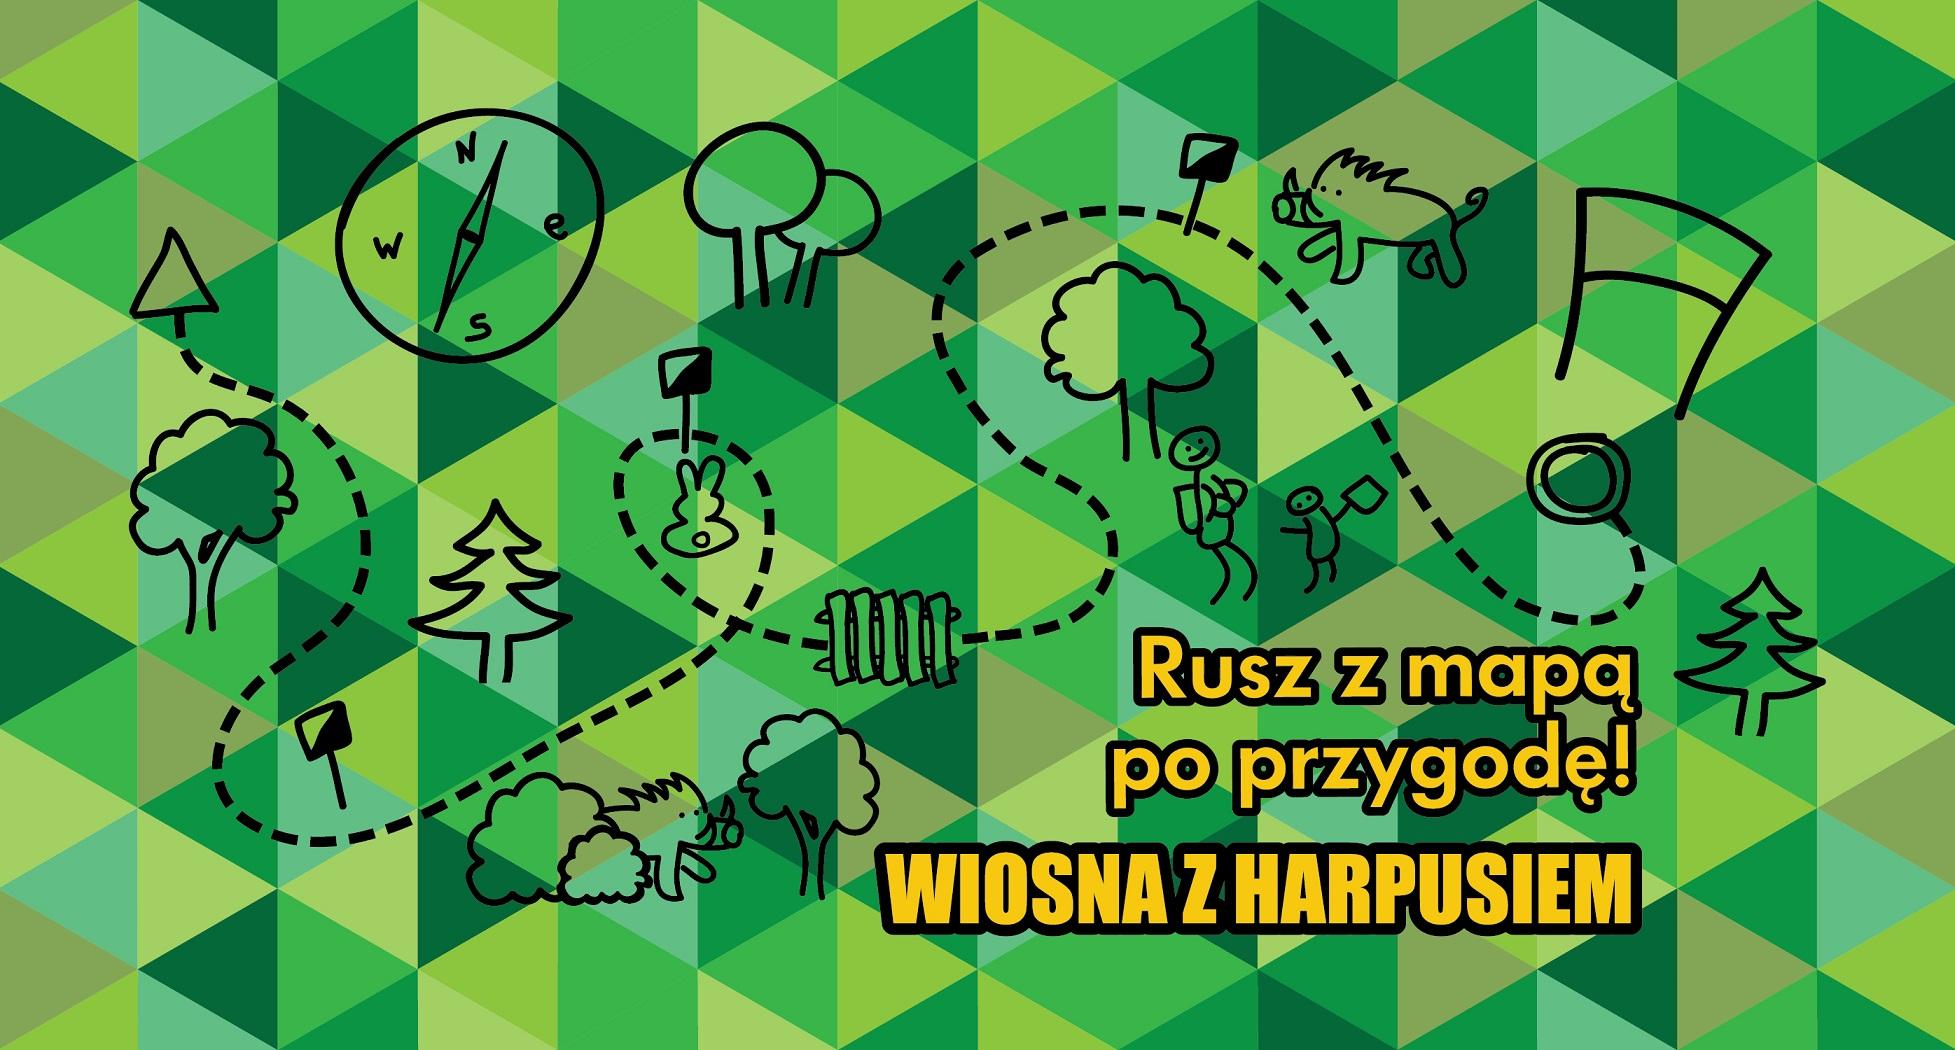 GRAFIKA www wisona-01